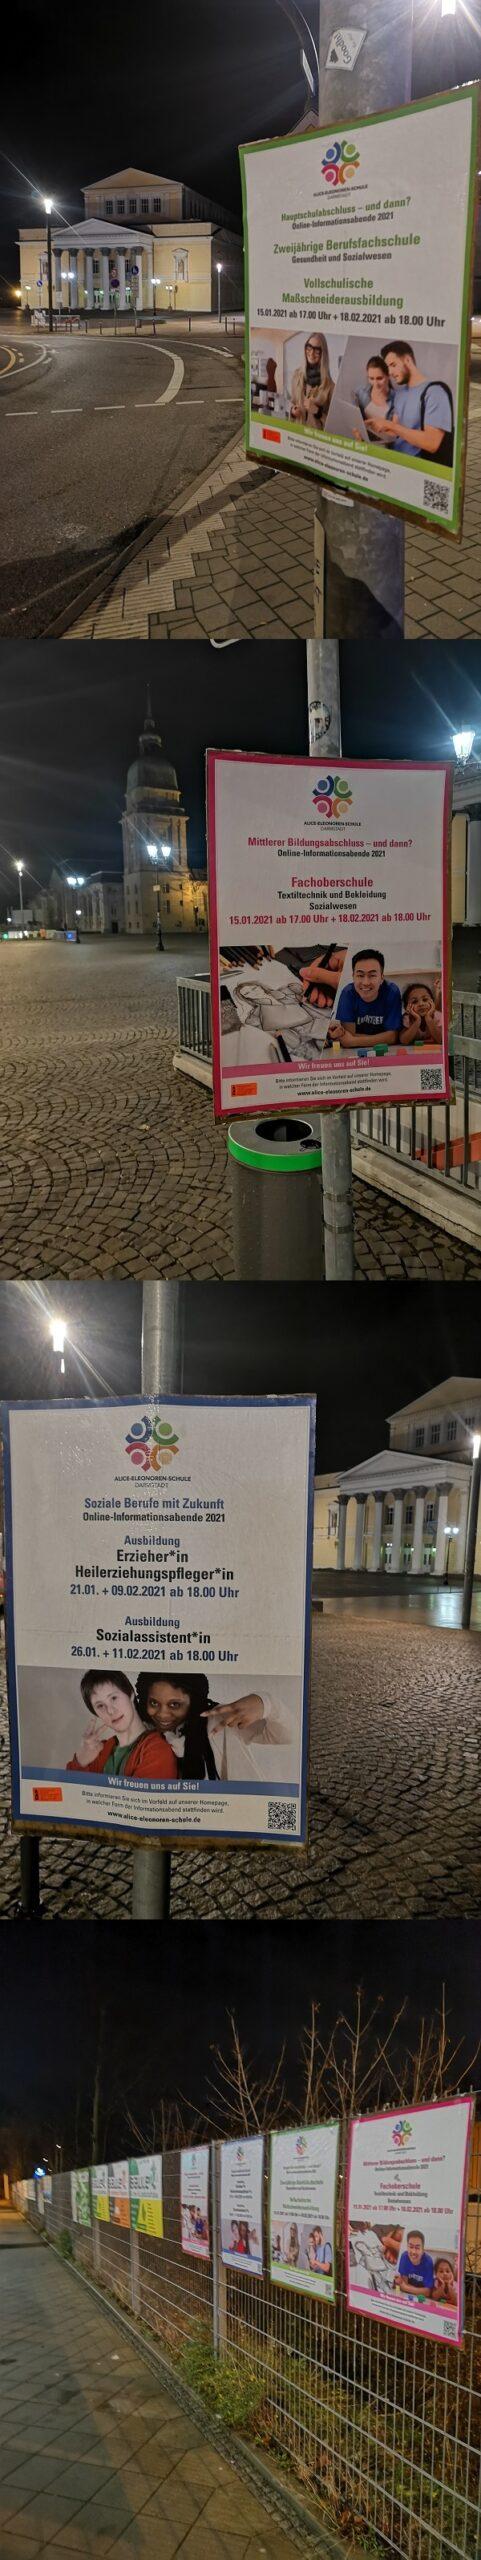 Plakatwerbung - Alice-Eleonoren-Schule Darmstadt